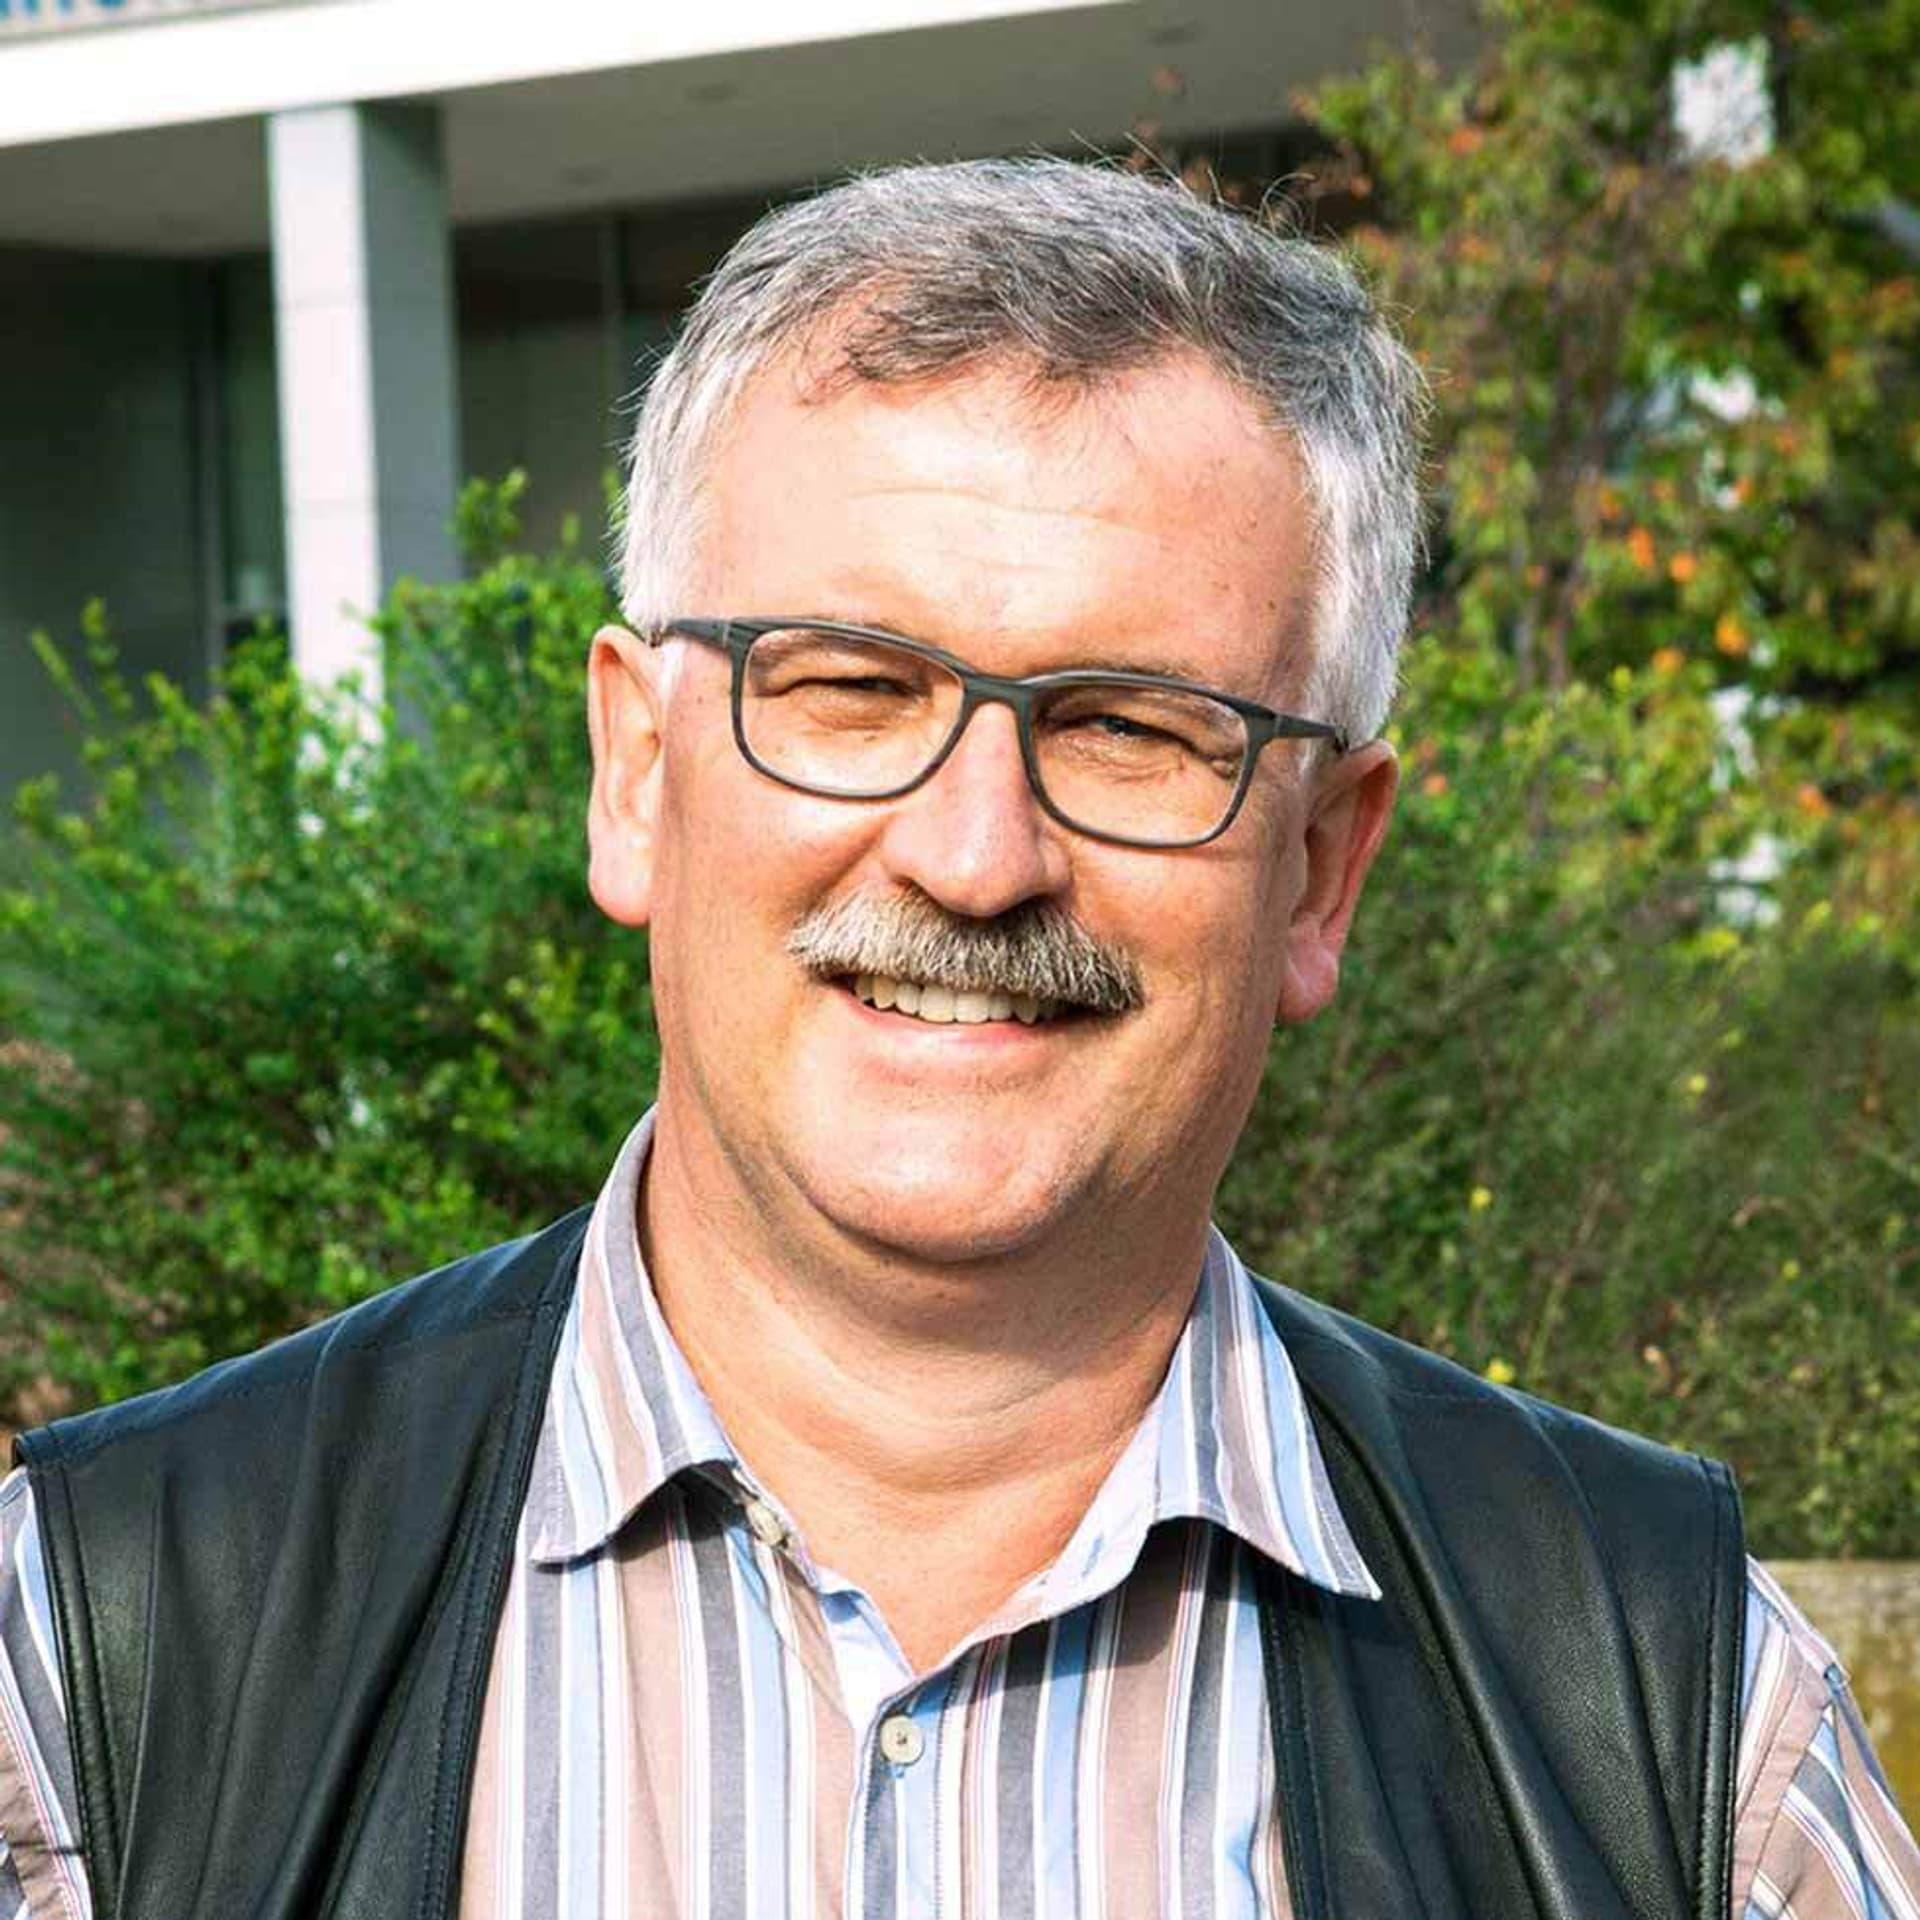 Doktor Josef Settele mit kurzem grauen Haar, Schnurbart und dunkler Brille